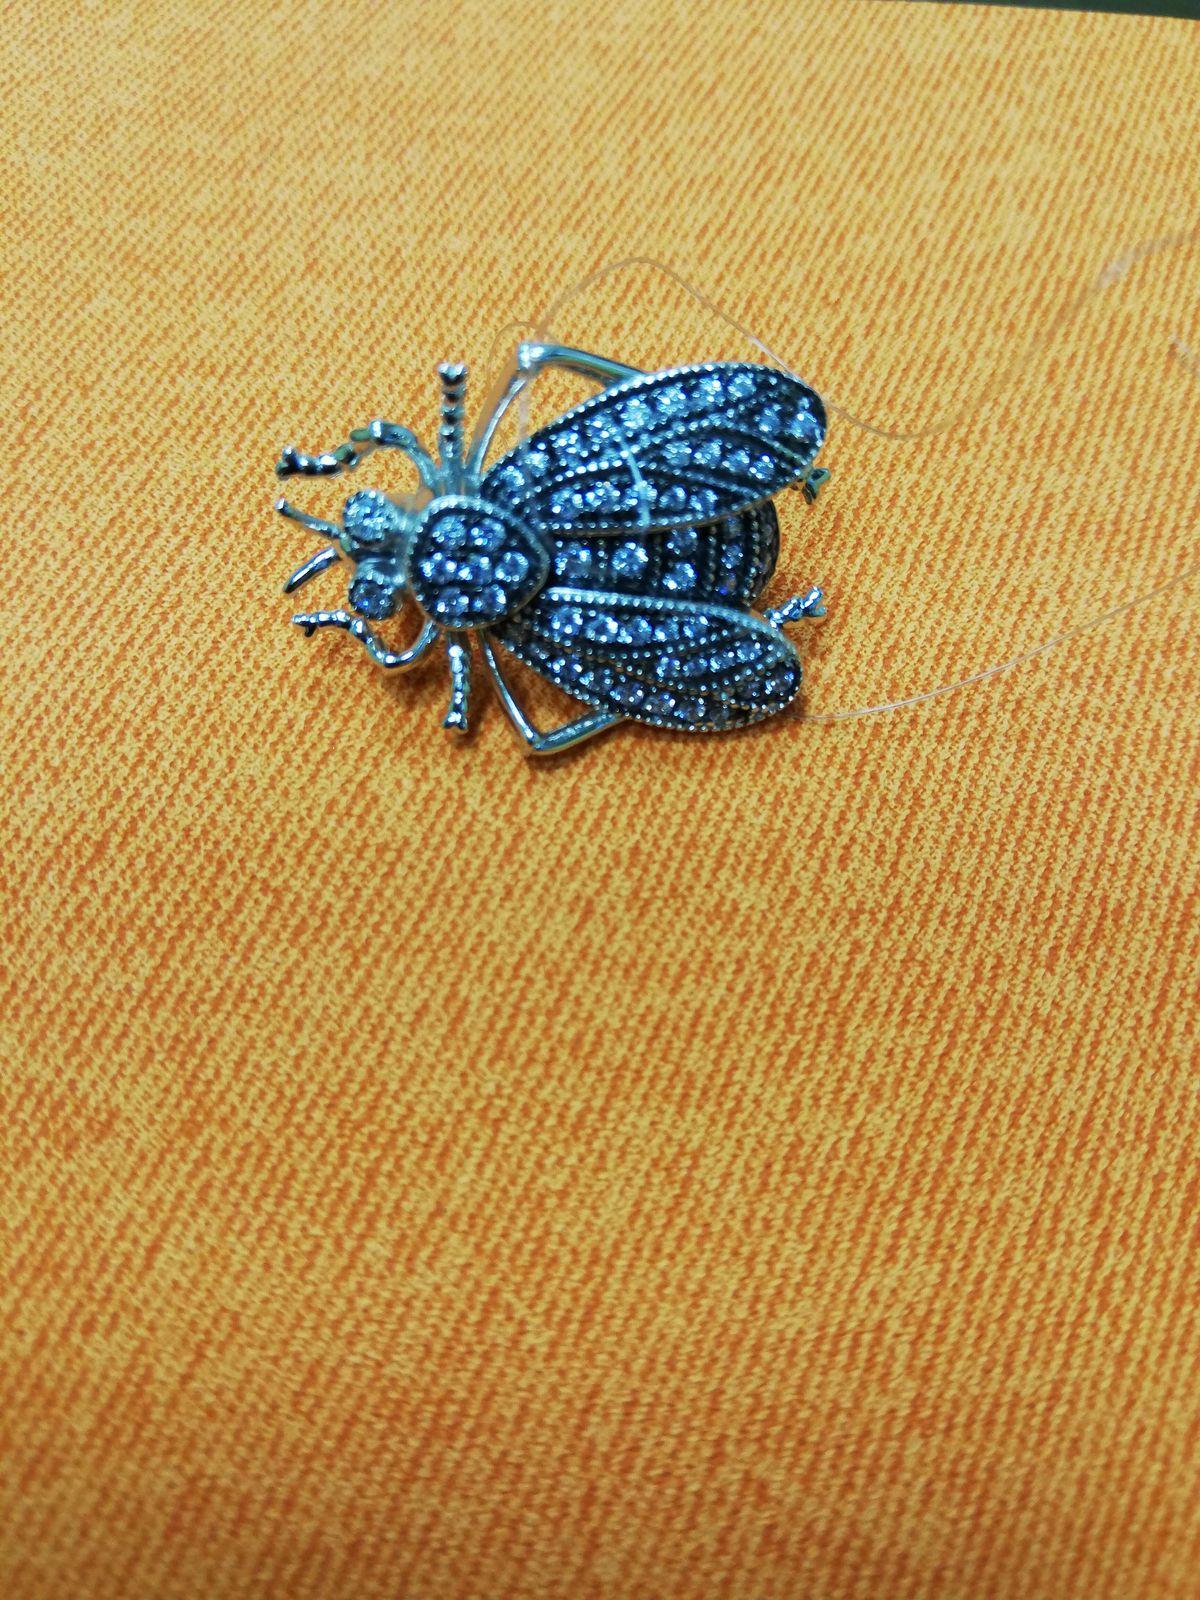 Изящная брошь в виде мухи. Просто красавица.